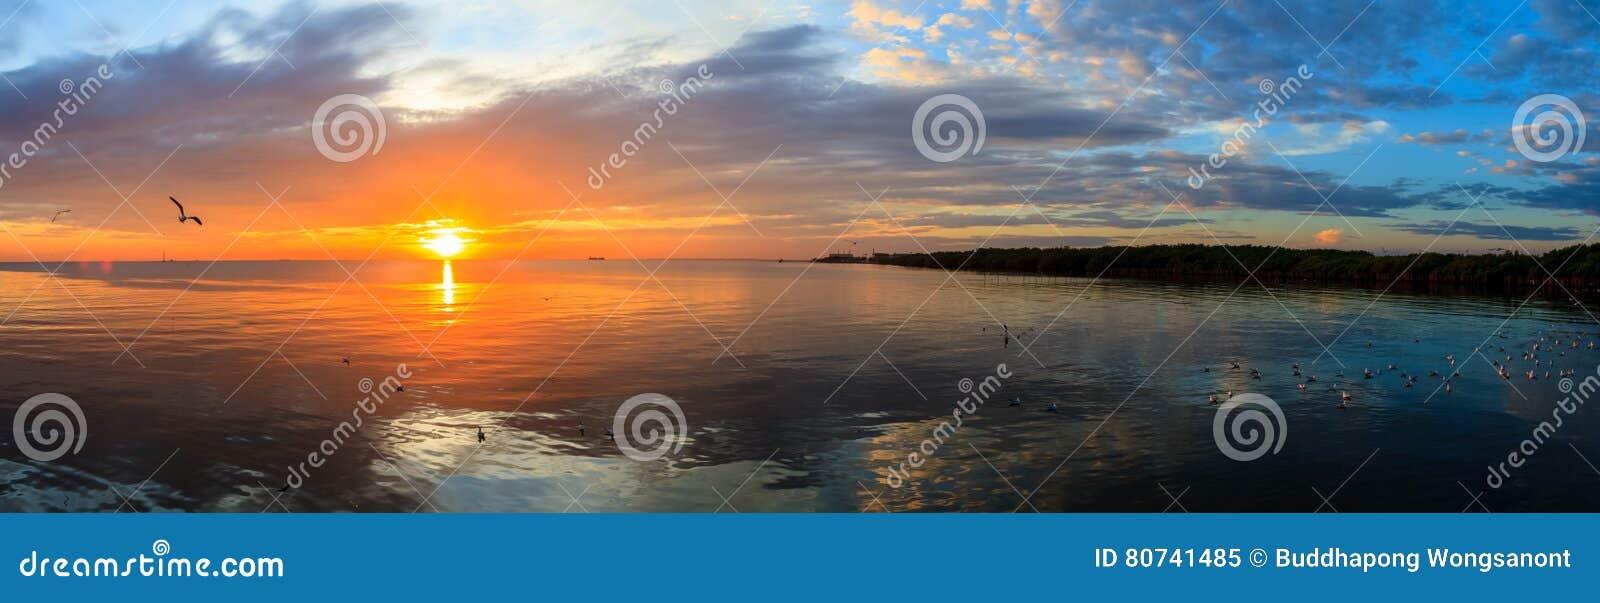 Panoramy Spokojnej sceny chmurny denny zmierzch z seagulls lata przy zmierzchem